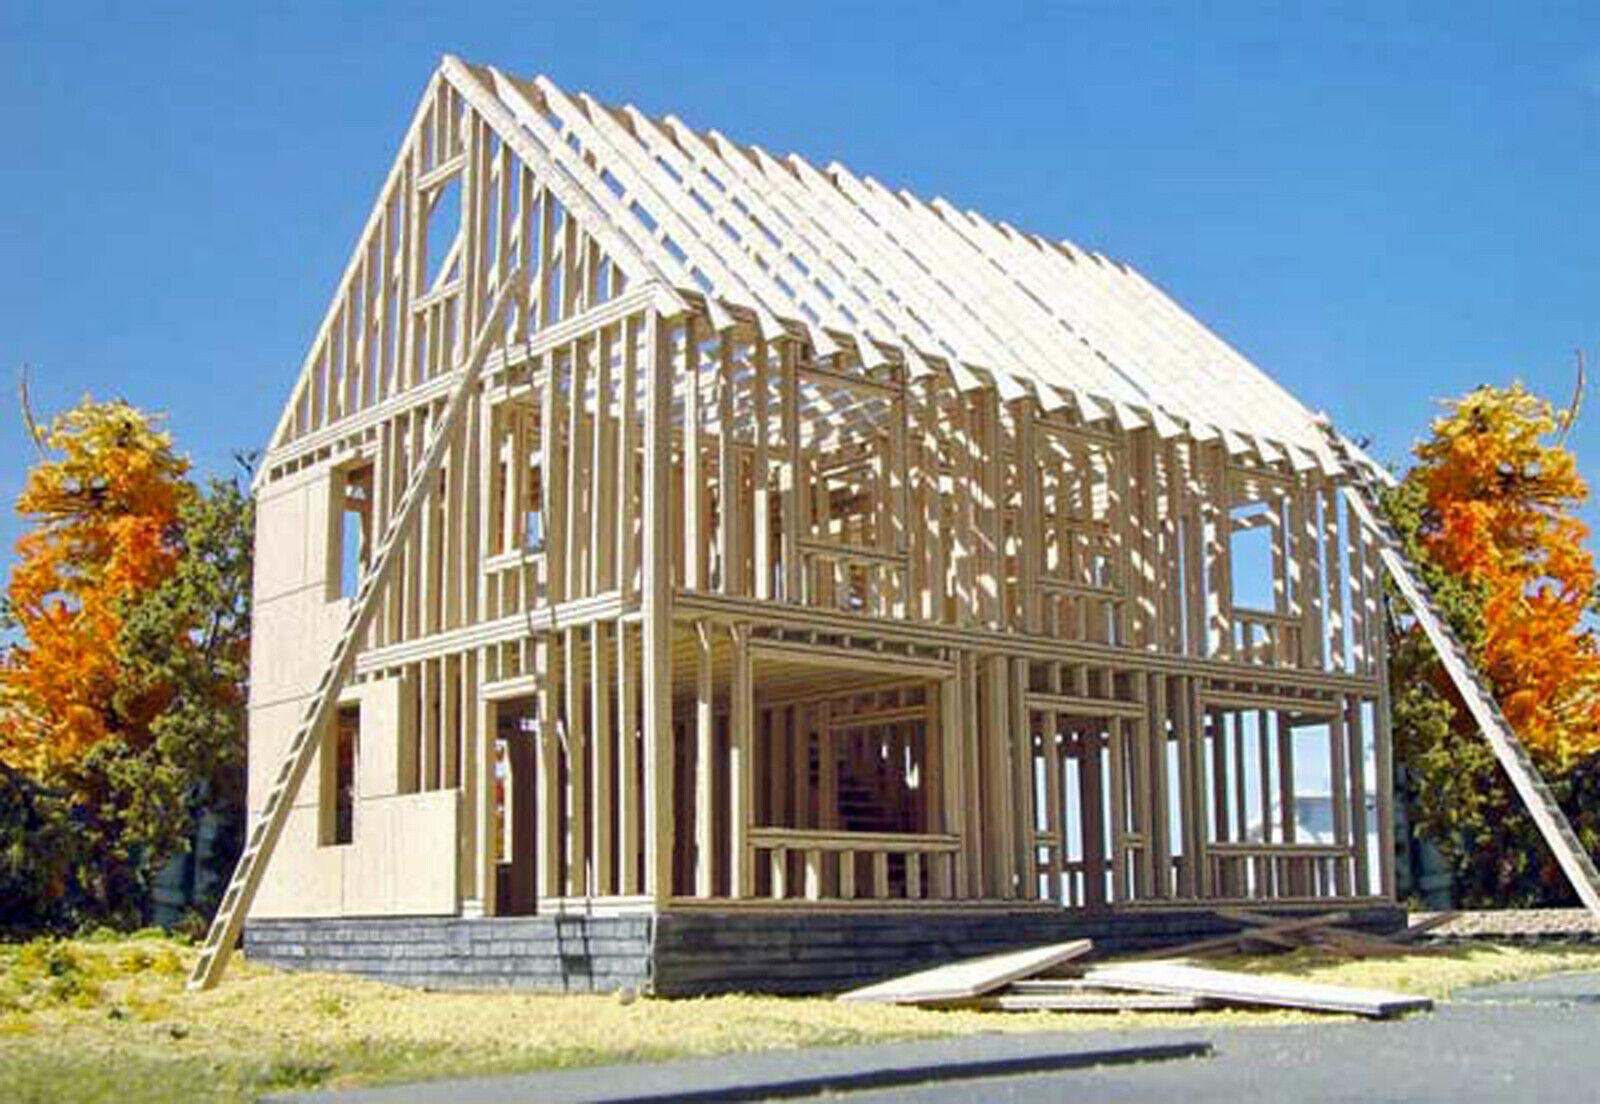 Casa en construcción HO Modelo Del FerroCocheril estructura sin pintar KIT de láser LA613